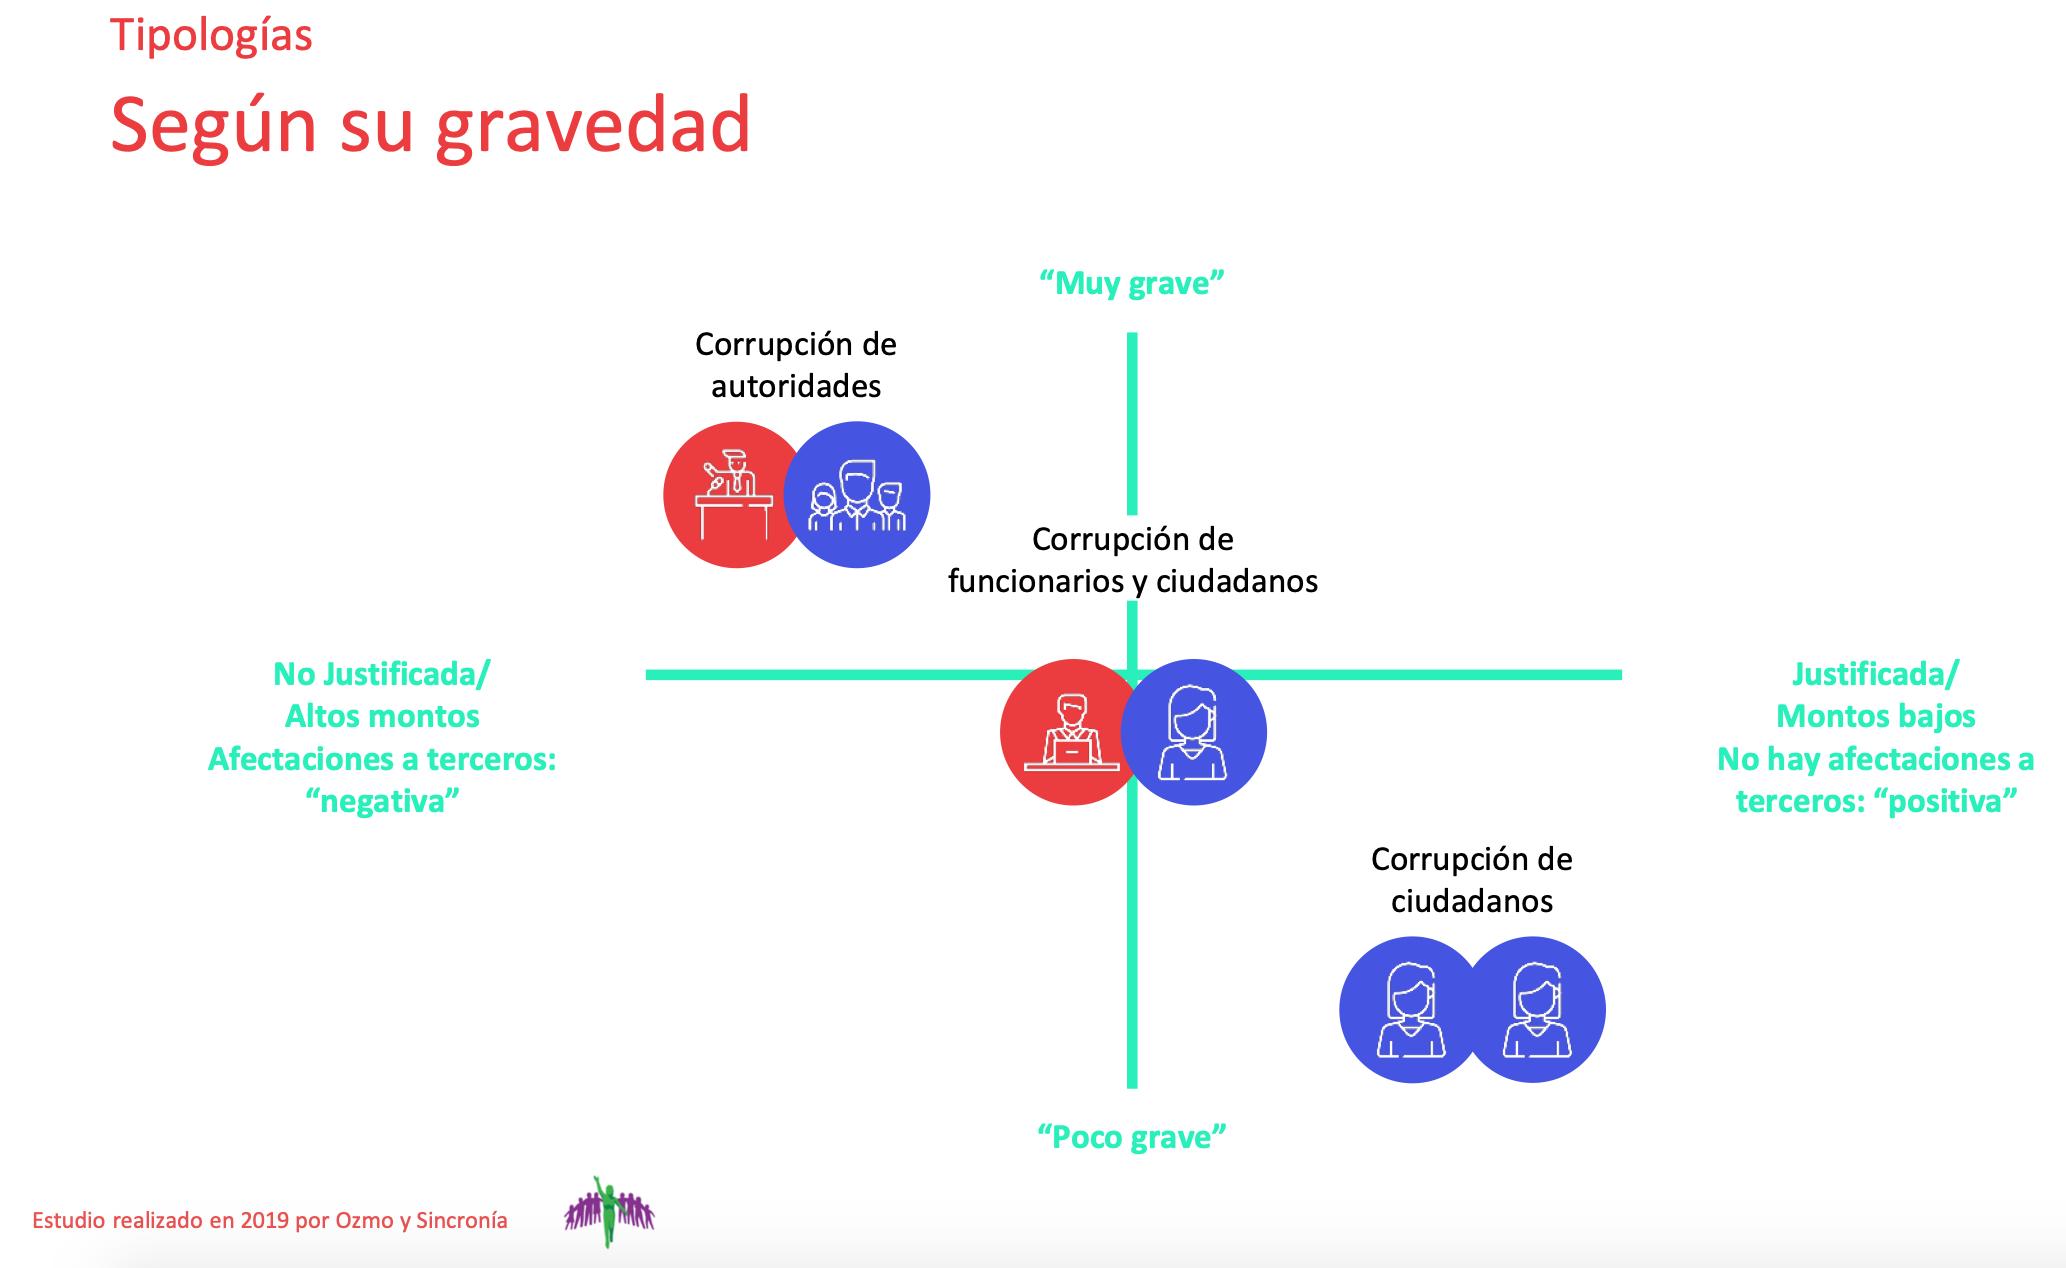 Diagrama de niveles de percepción de gravedad para jóvenes